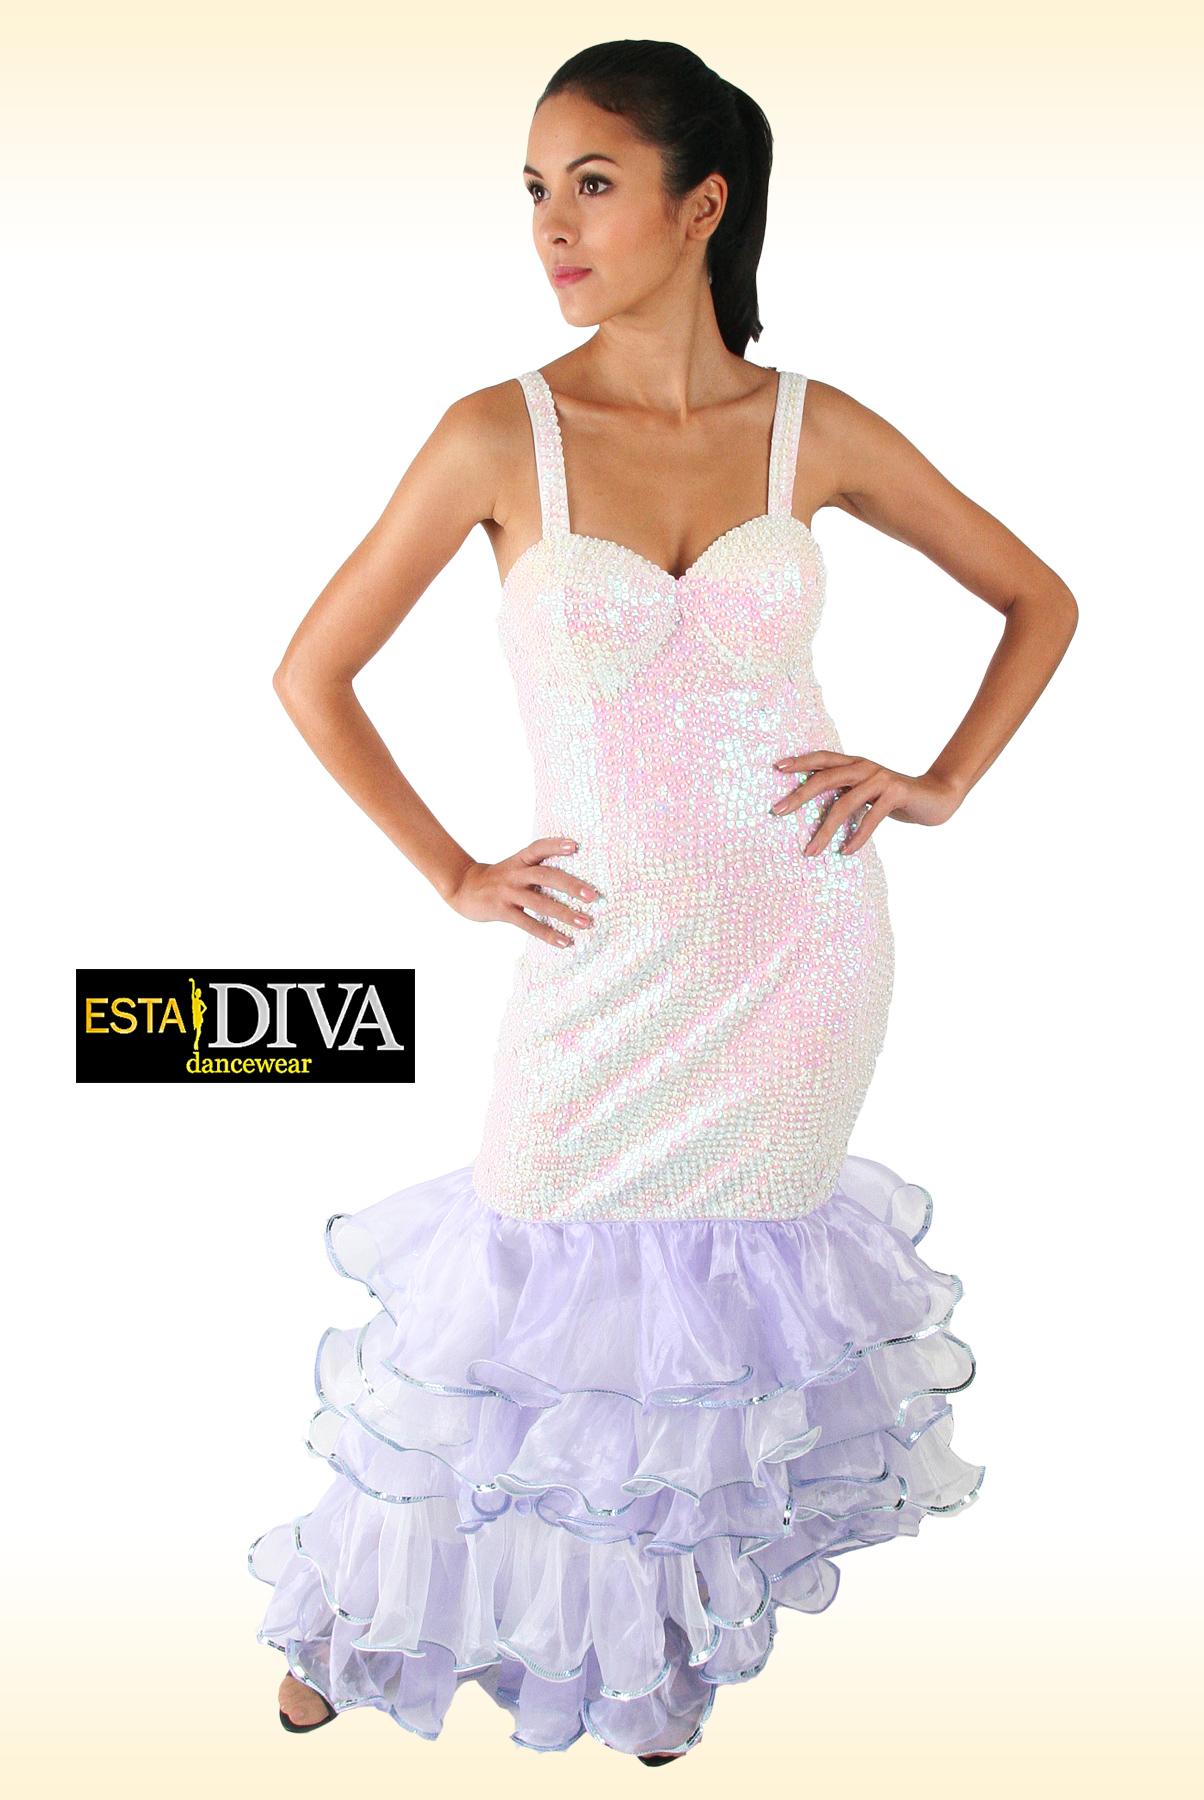 Diva dress cielo blanco sequin organza dress 3 188 for Diva attire